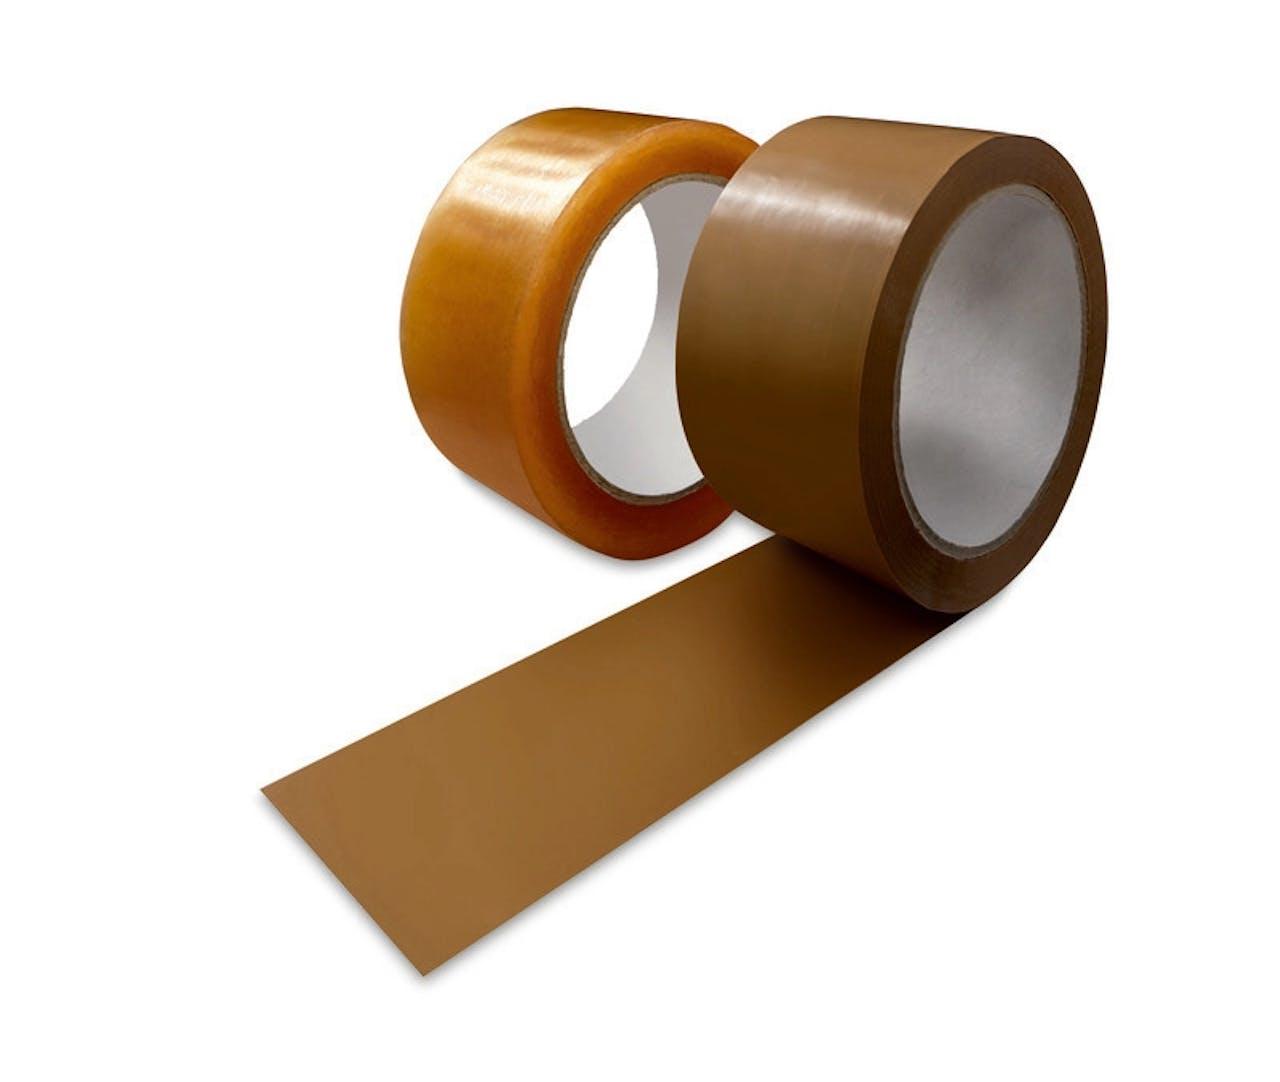 Ruban d'emballage PP ECONOMY (caoutchouc naturel)